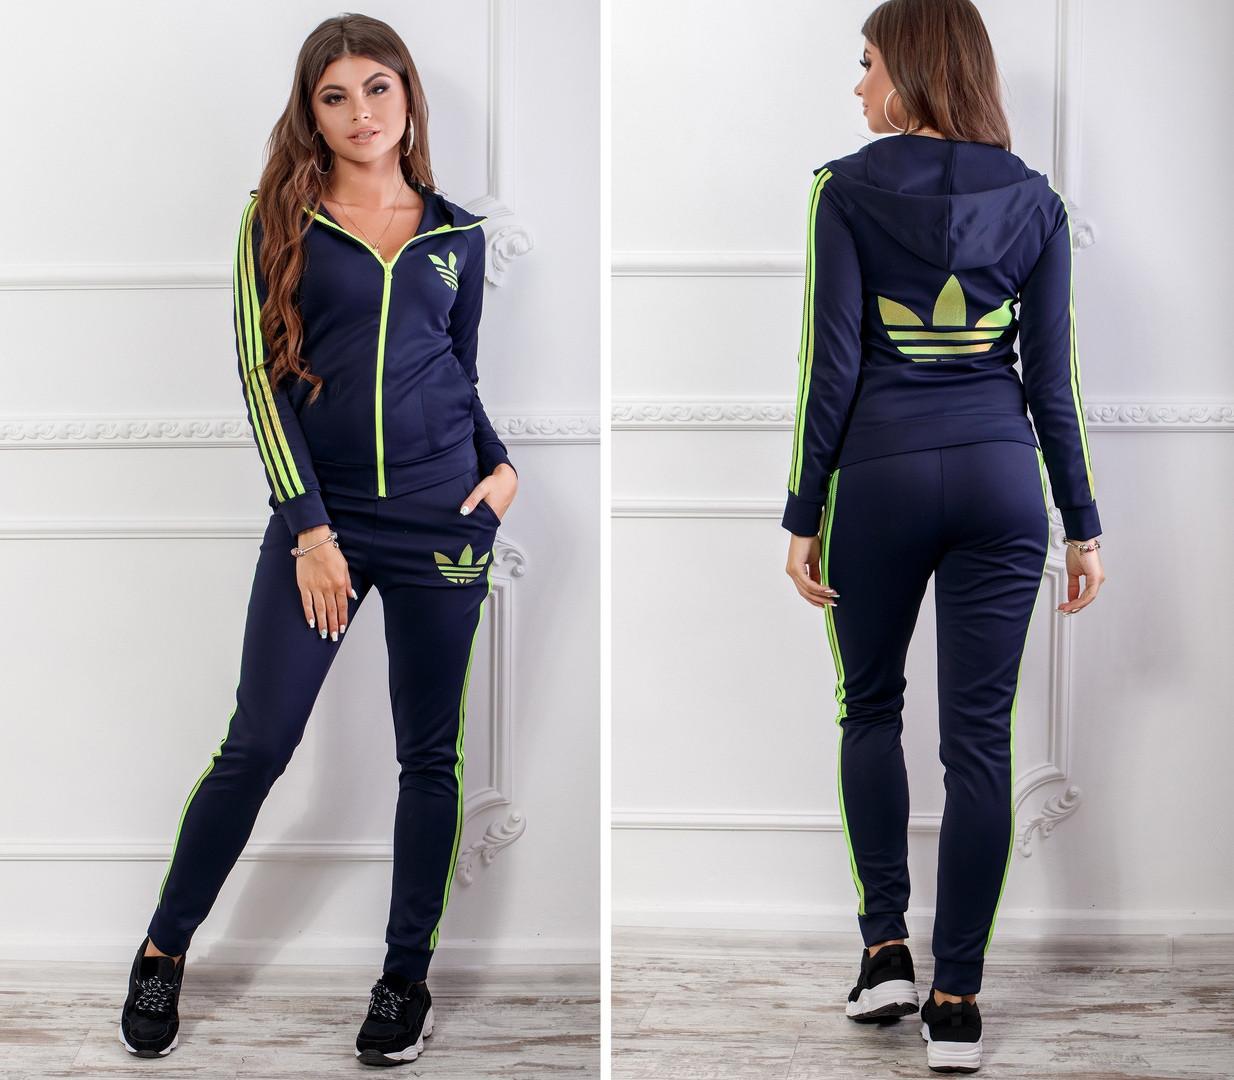 cab0b42325c Женский спортивный костюм с лампасами. Кофта с капюшоном и штанами -  Интернет-магазин одежды